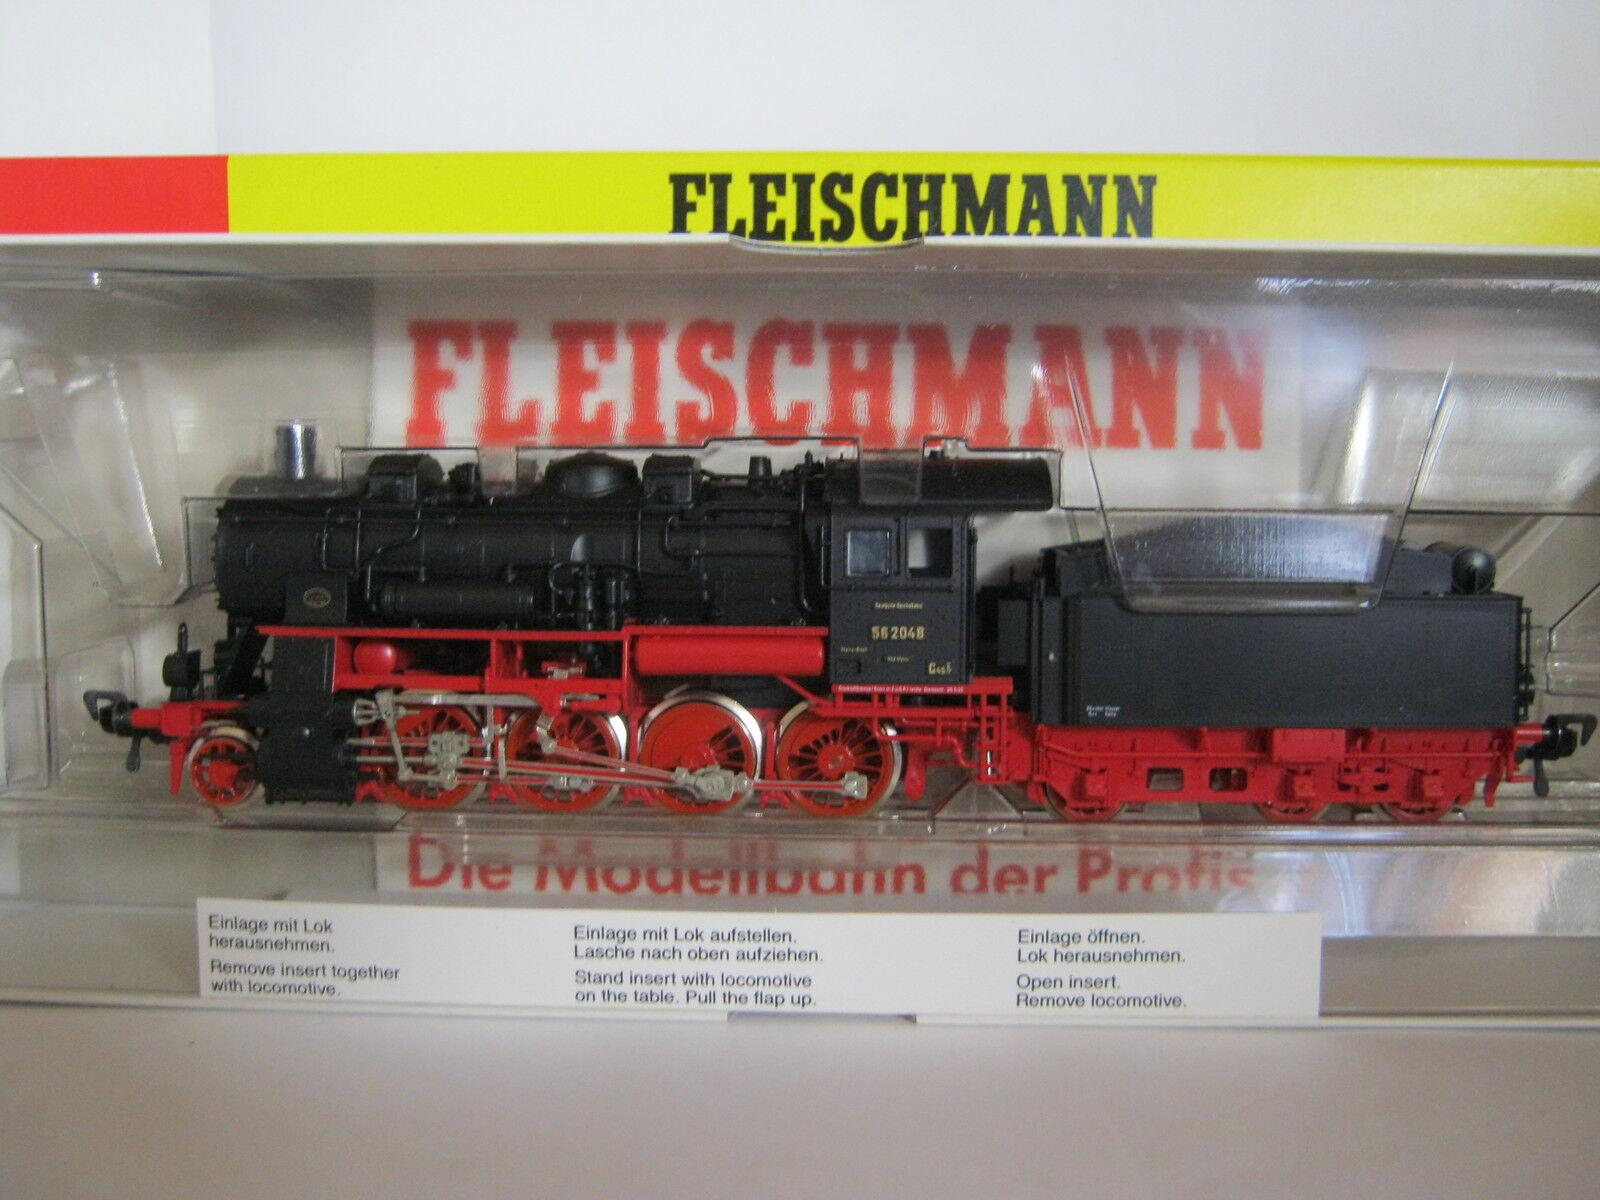 Fleischmann HO 4156 Dampf -Lokomotive Btr56 2048 DRG (RG  BB  111S1)